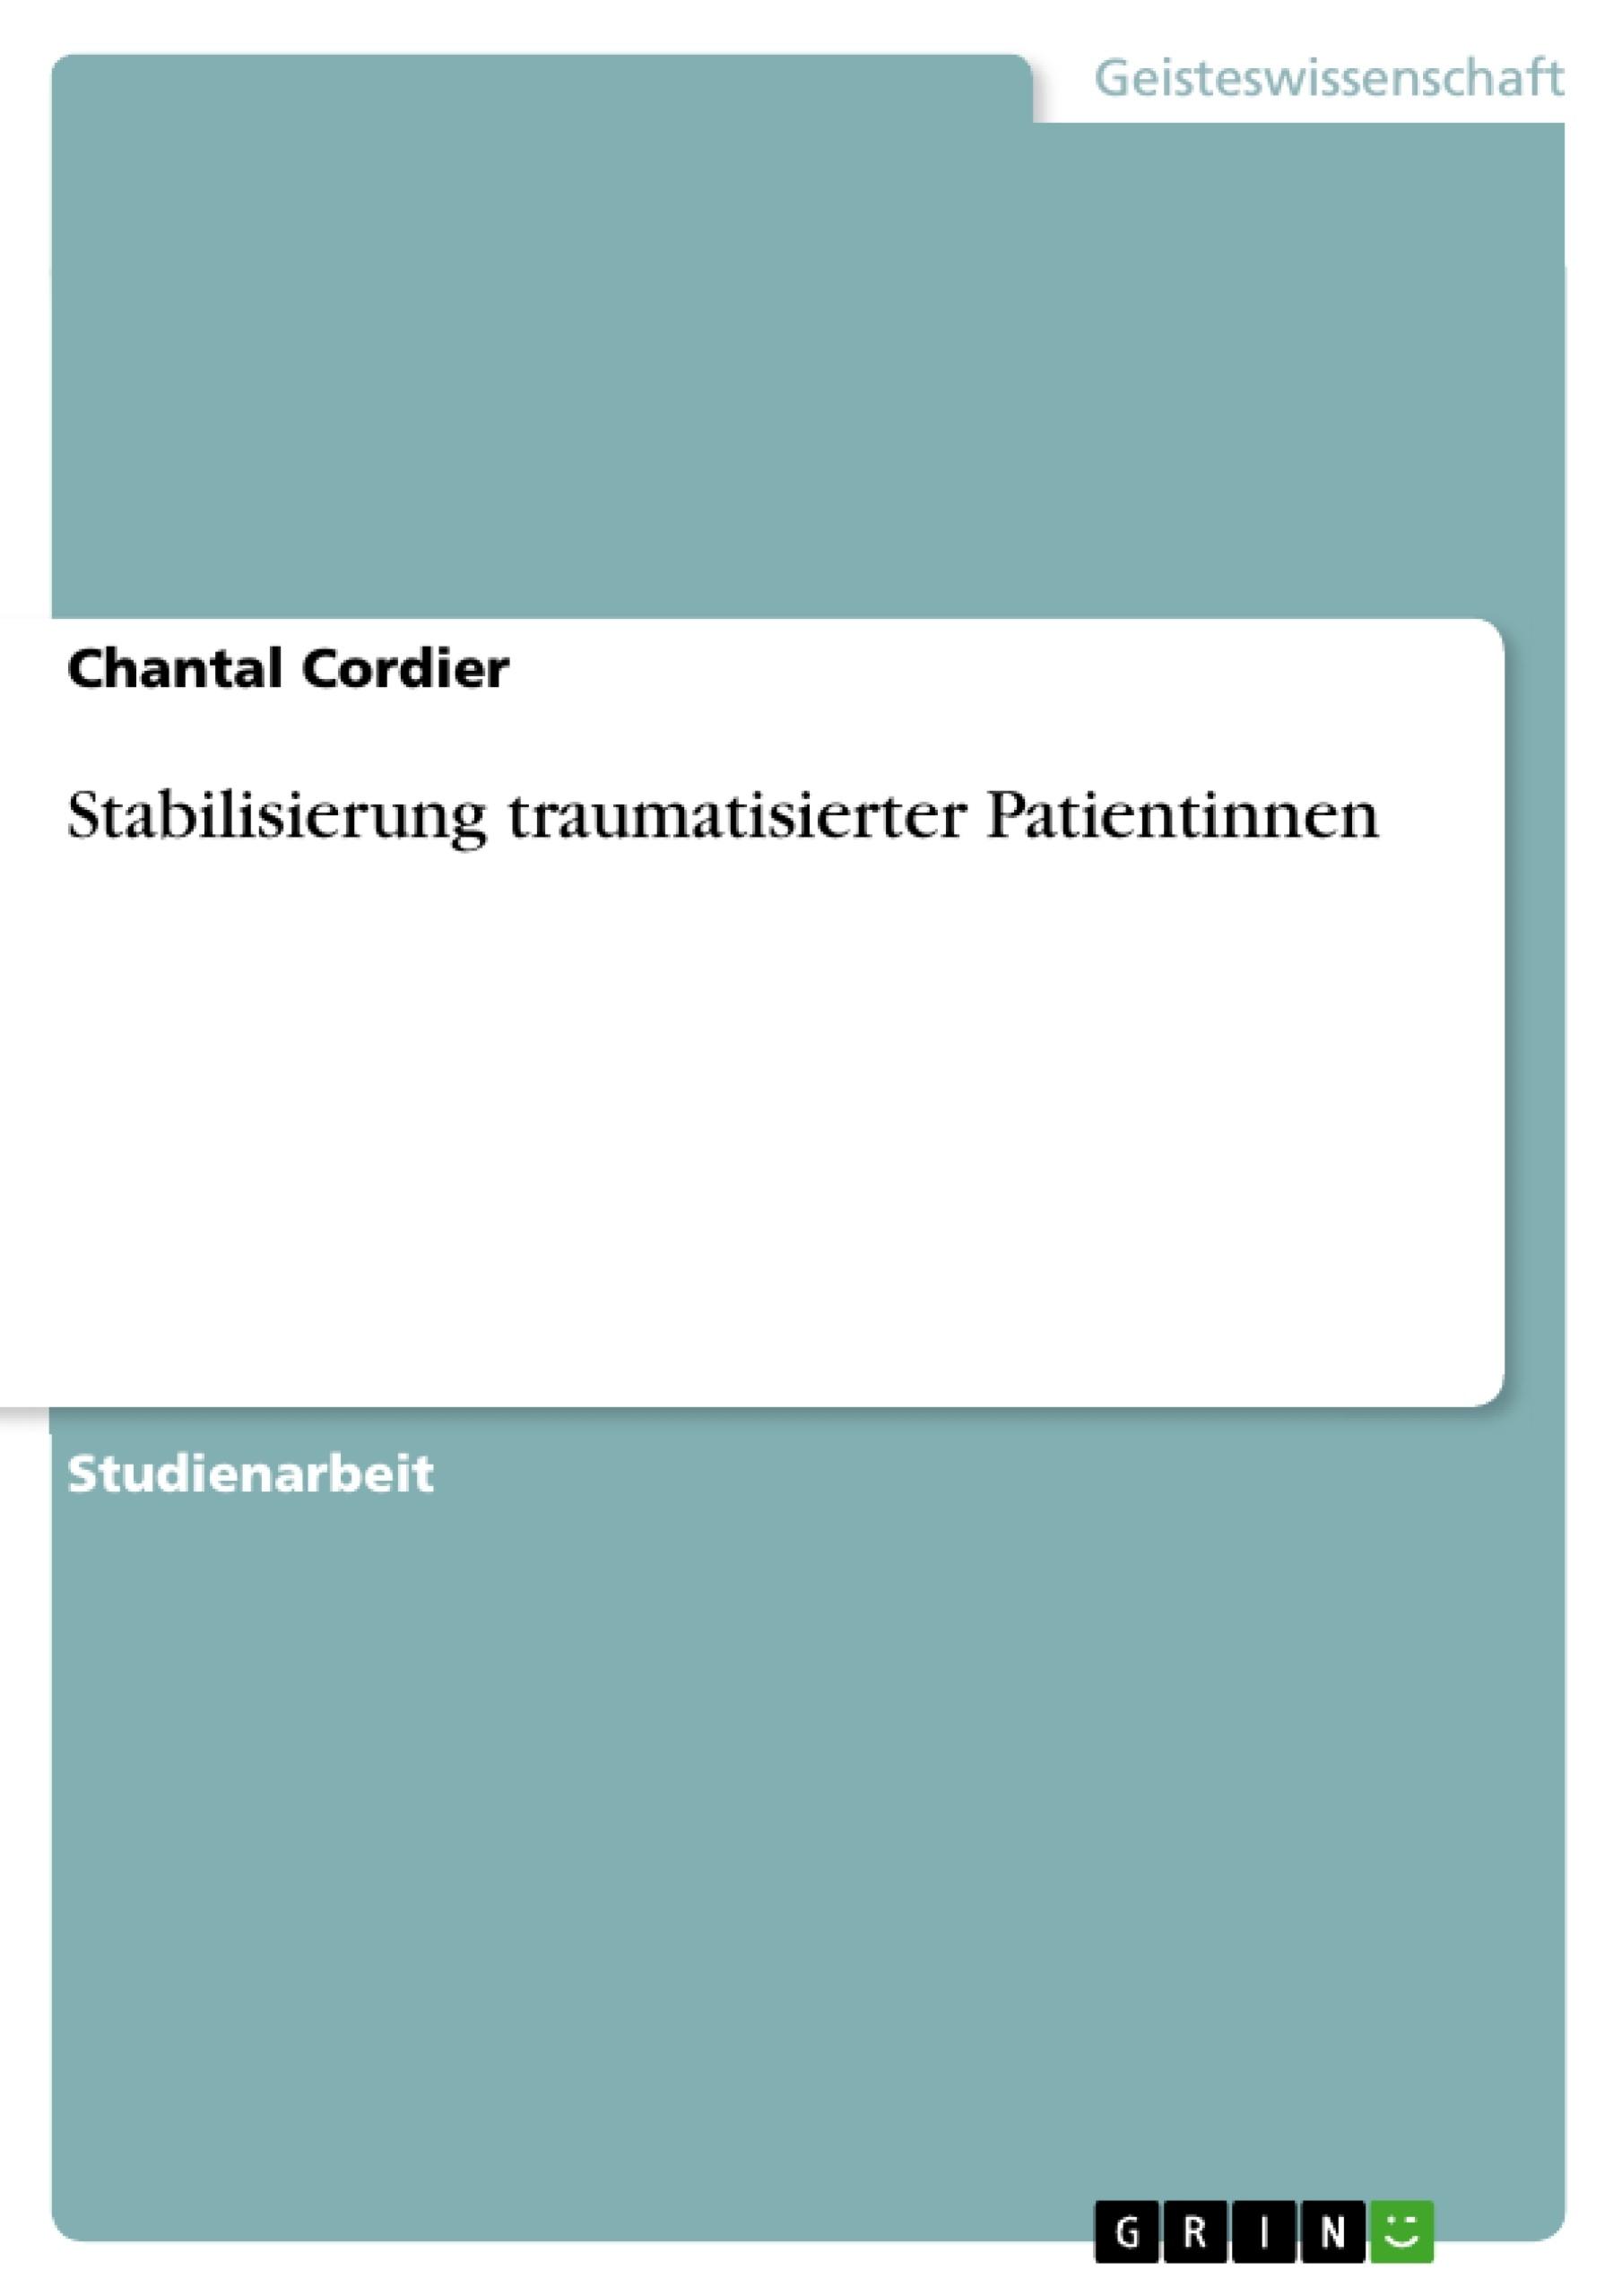 Stabilisierung traumatisierter Patientinnen | Masterarbeit ...